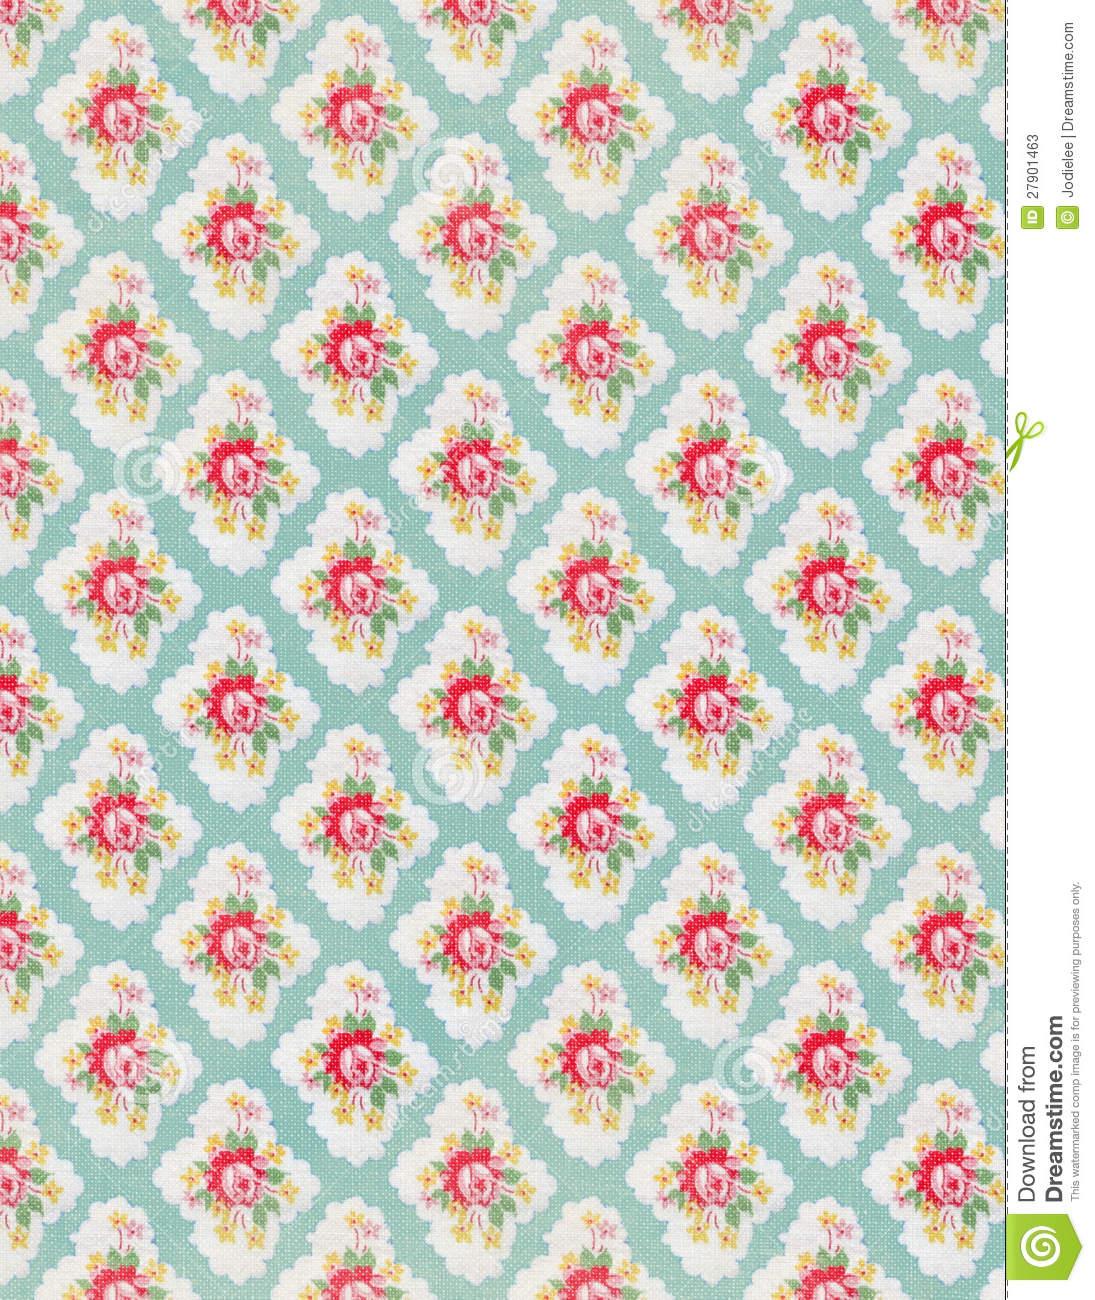 Vintage Floral Wallpaper Patterns Wallpapersafari